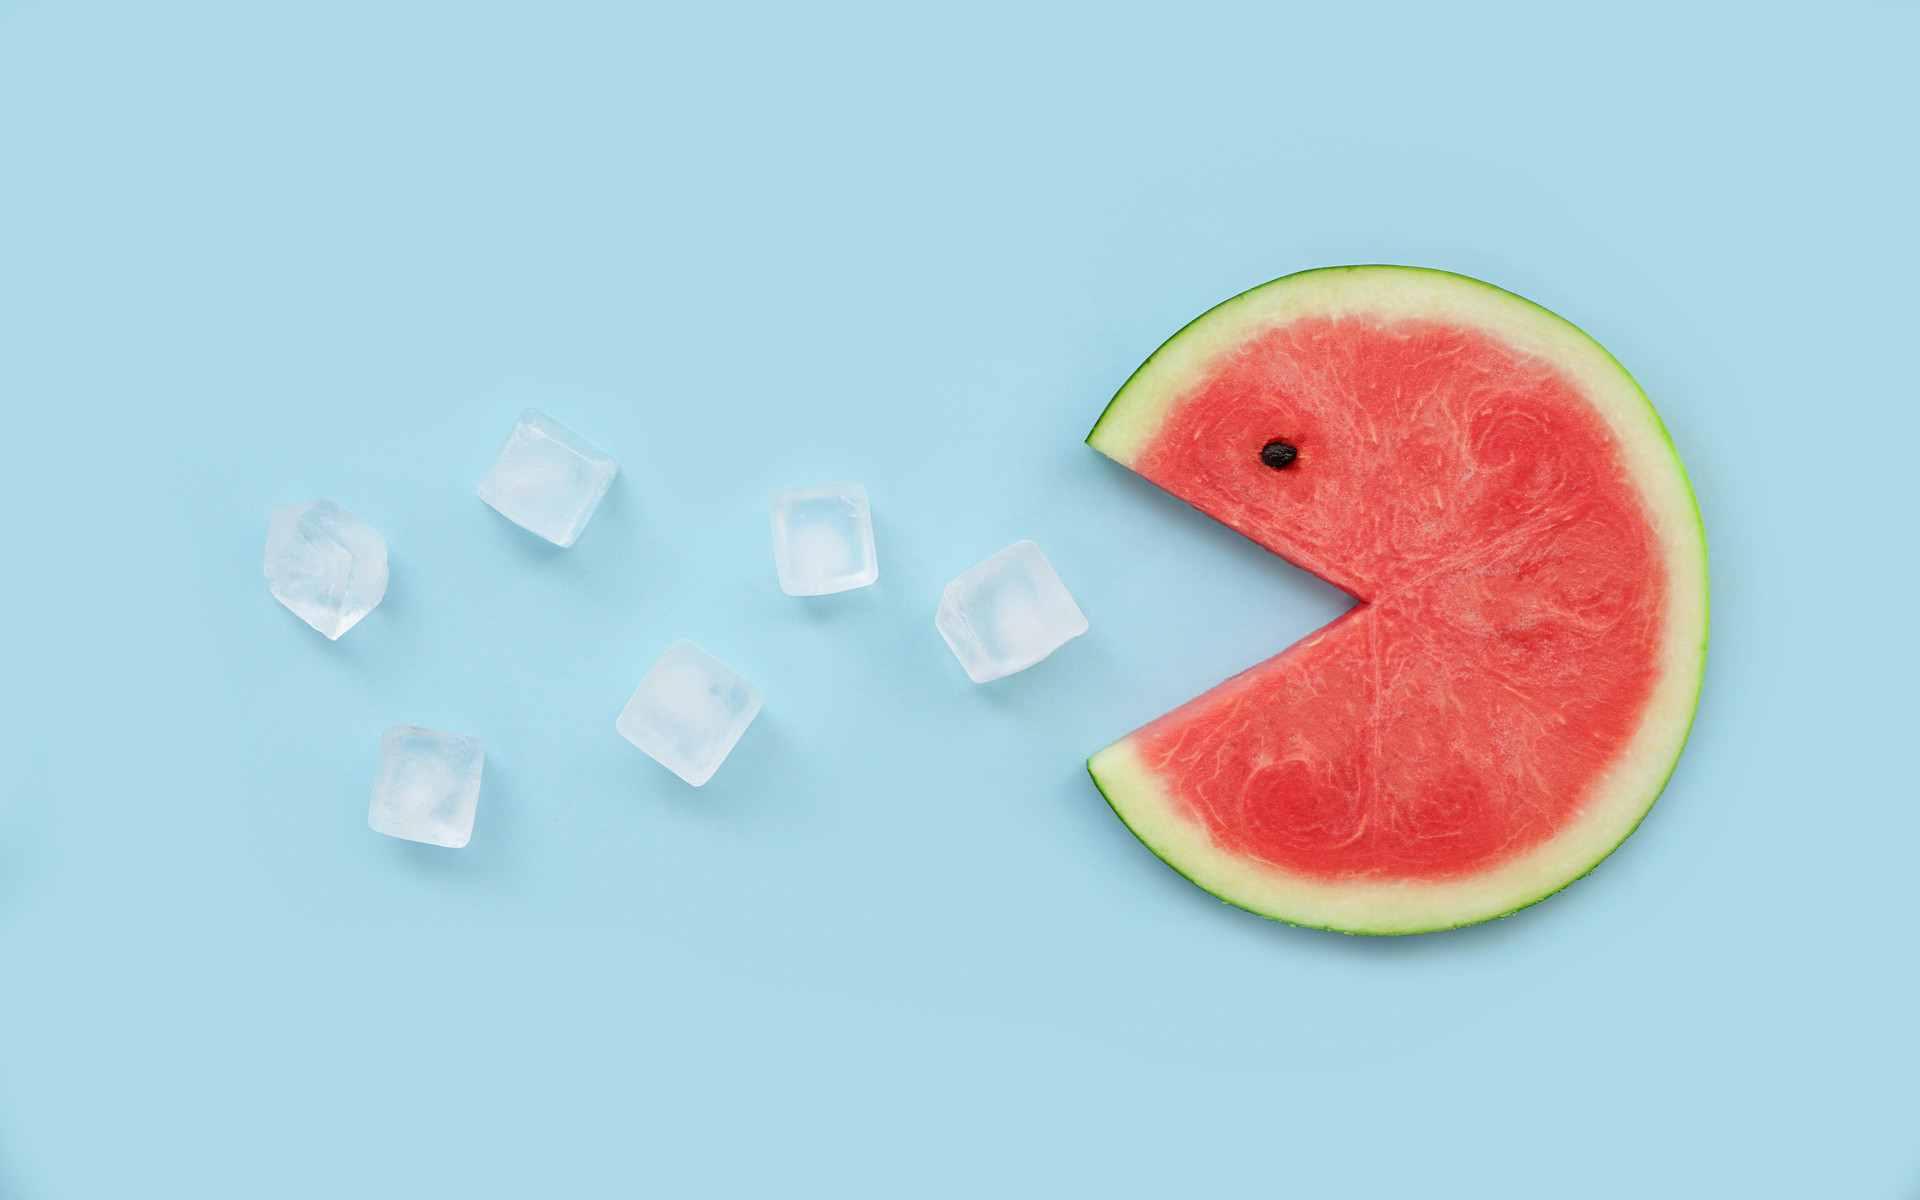 吃冰镇西瓜是很不科学的习惯